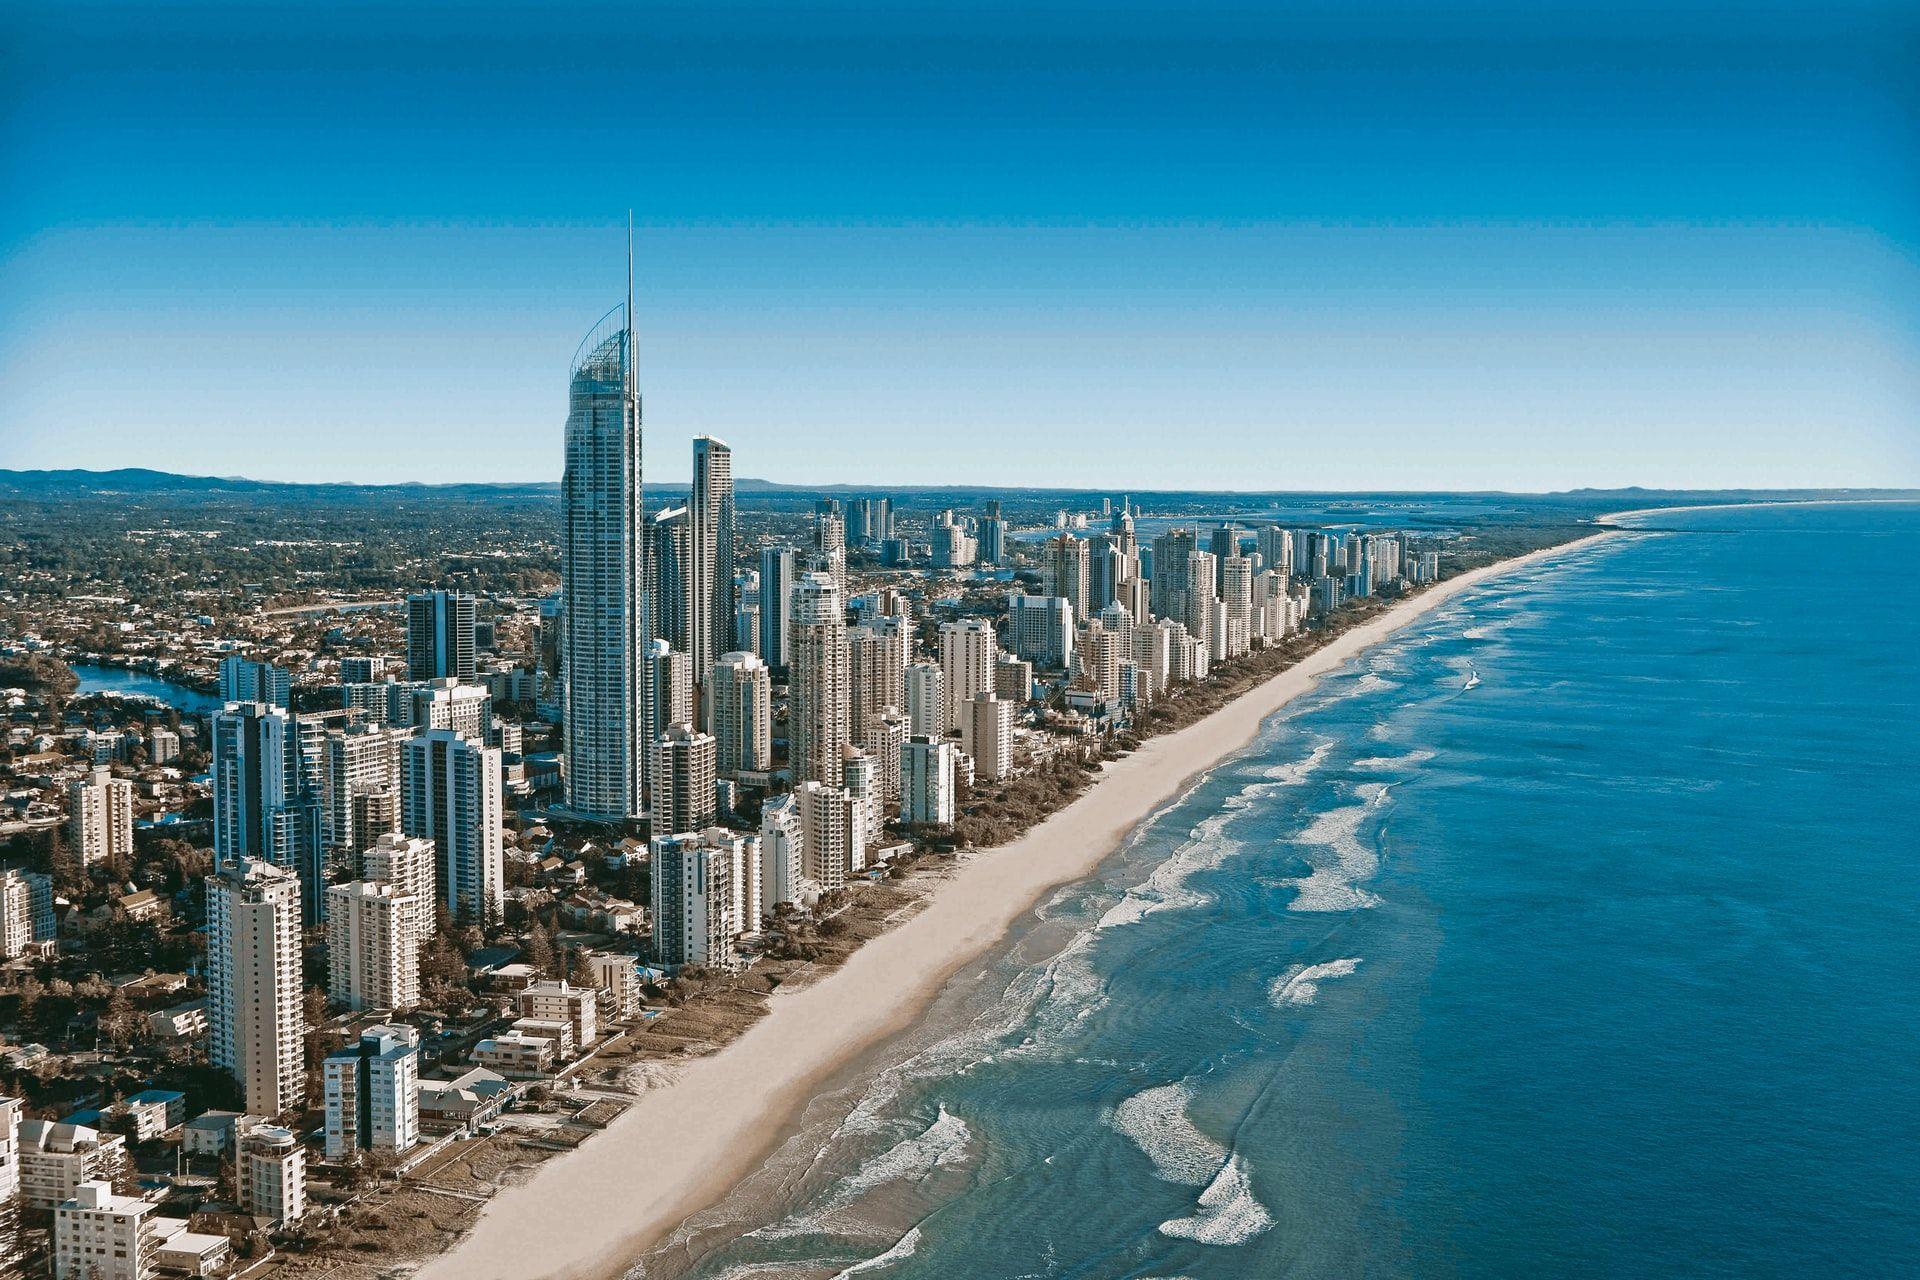 Singaporeans' AUD$37 Billion Appetite for Australian Property